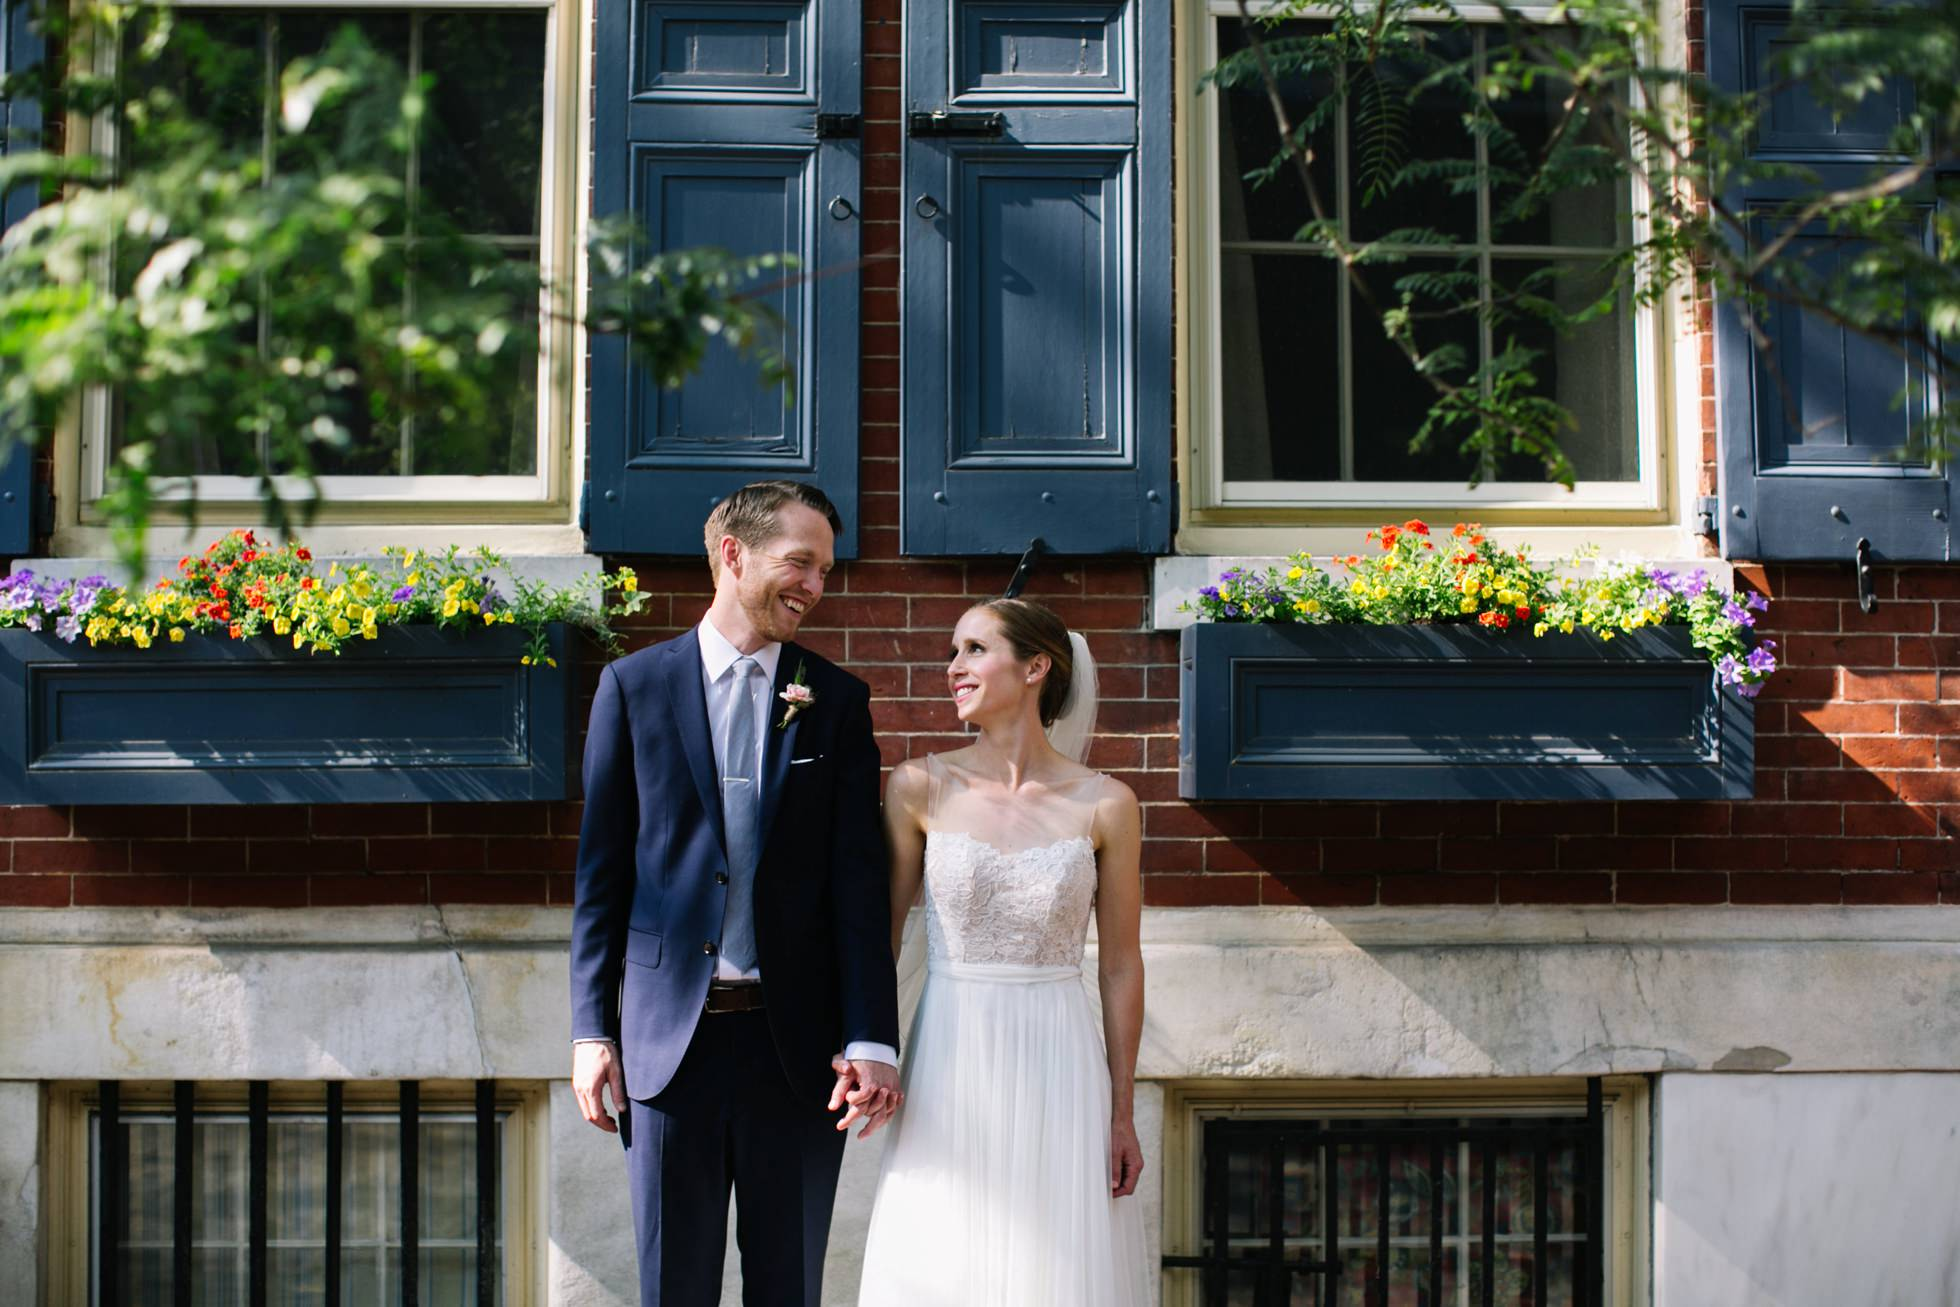 Romantic Bartram's Garden Outdoor Summer Wedding, Philadelphia | brittneyraine.com 055